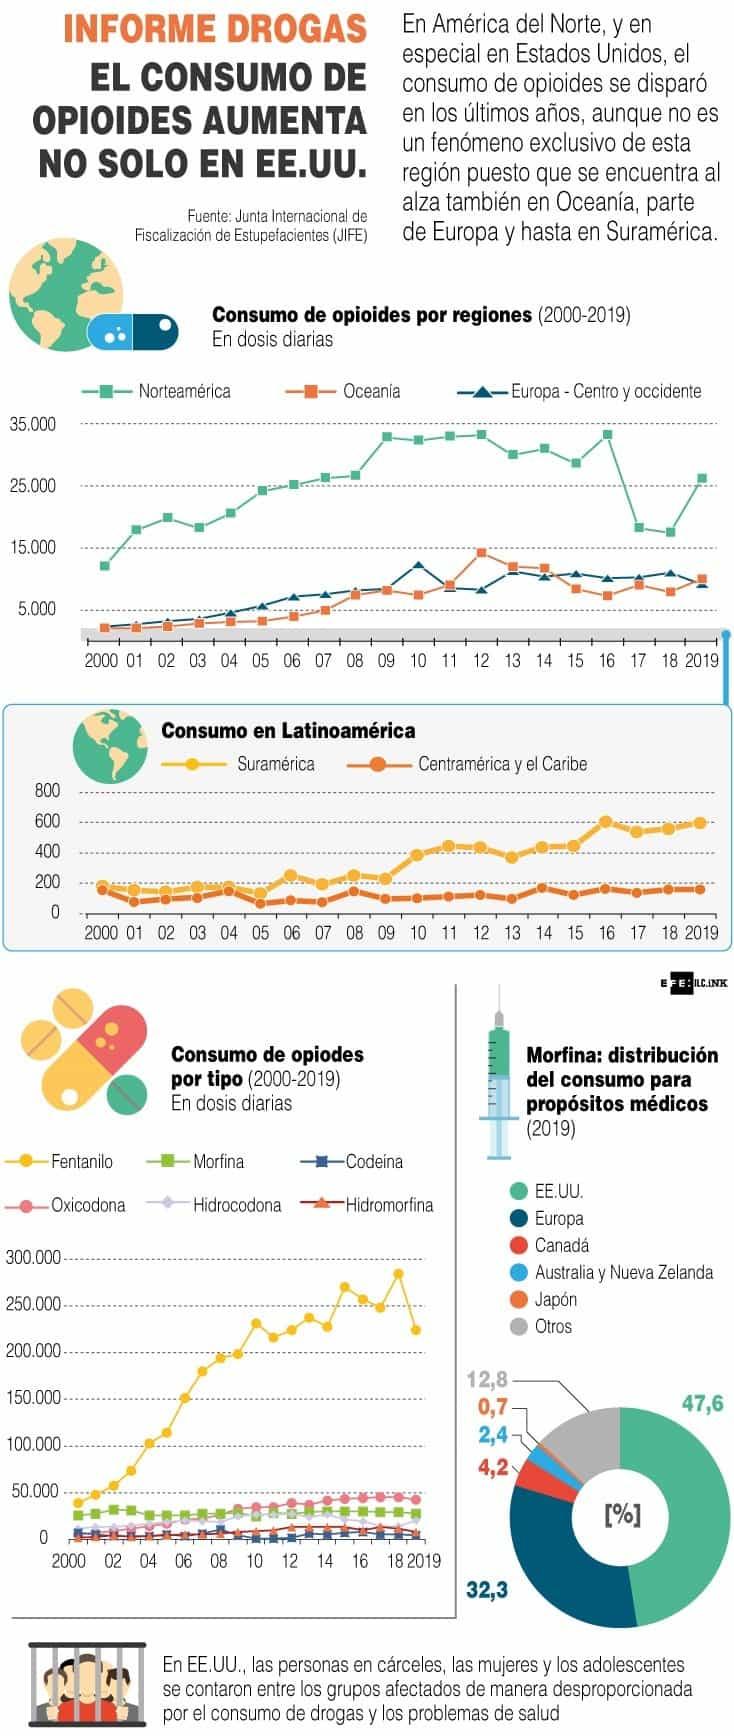 [Infografía] - Informe drogas el consumo de opioides aumenta no solo en EE.UU. 1